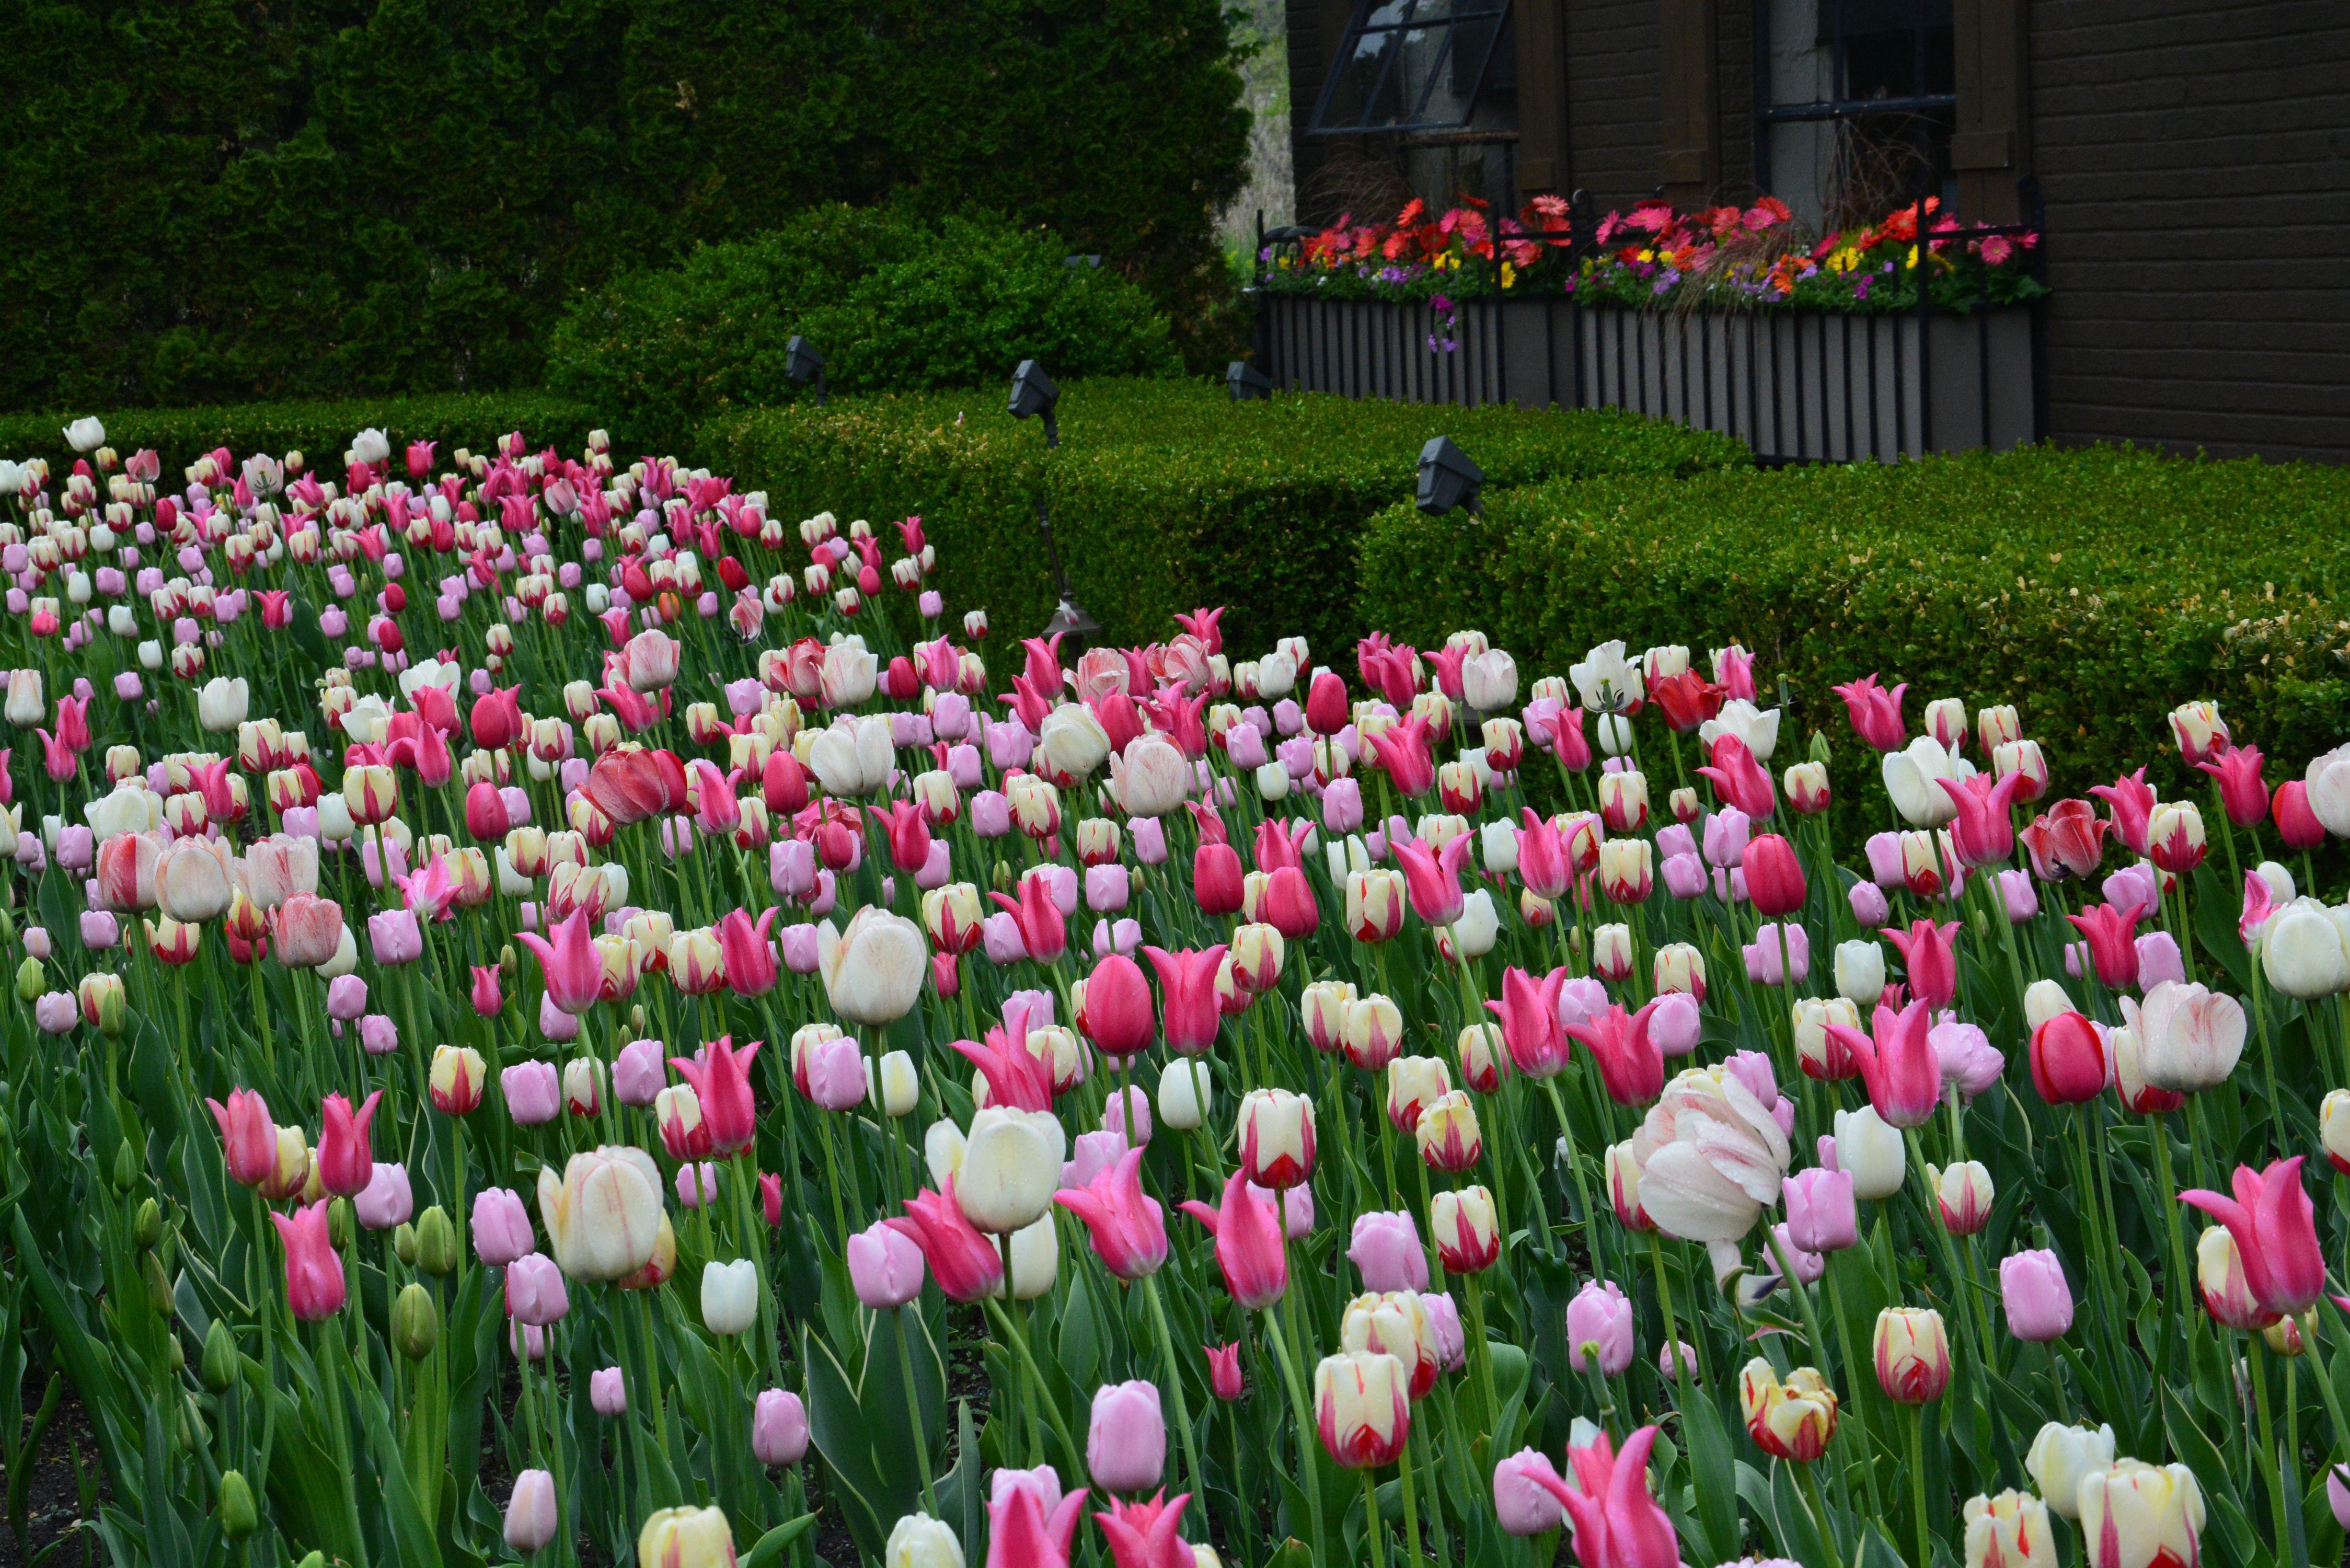 Tulips Hd Wallpaper